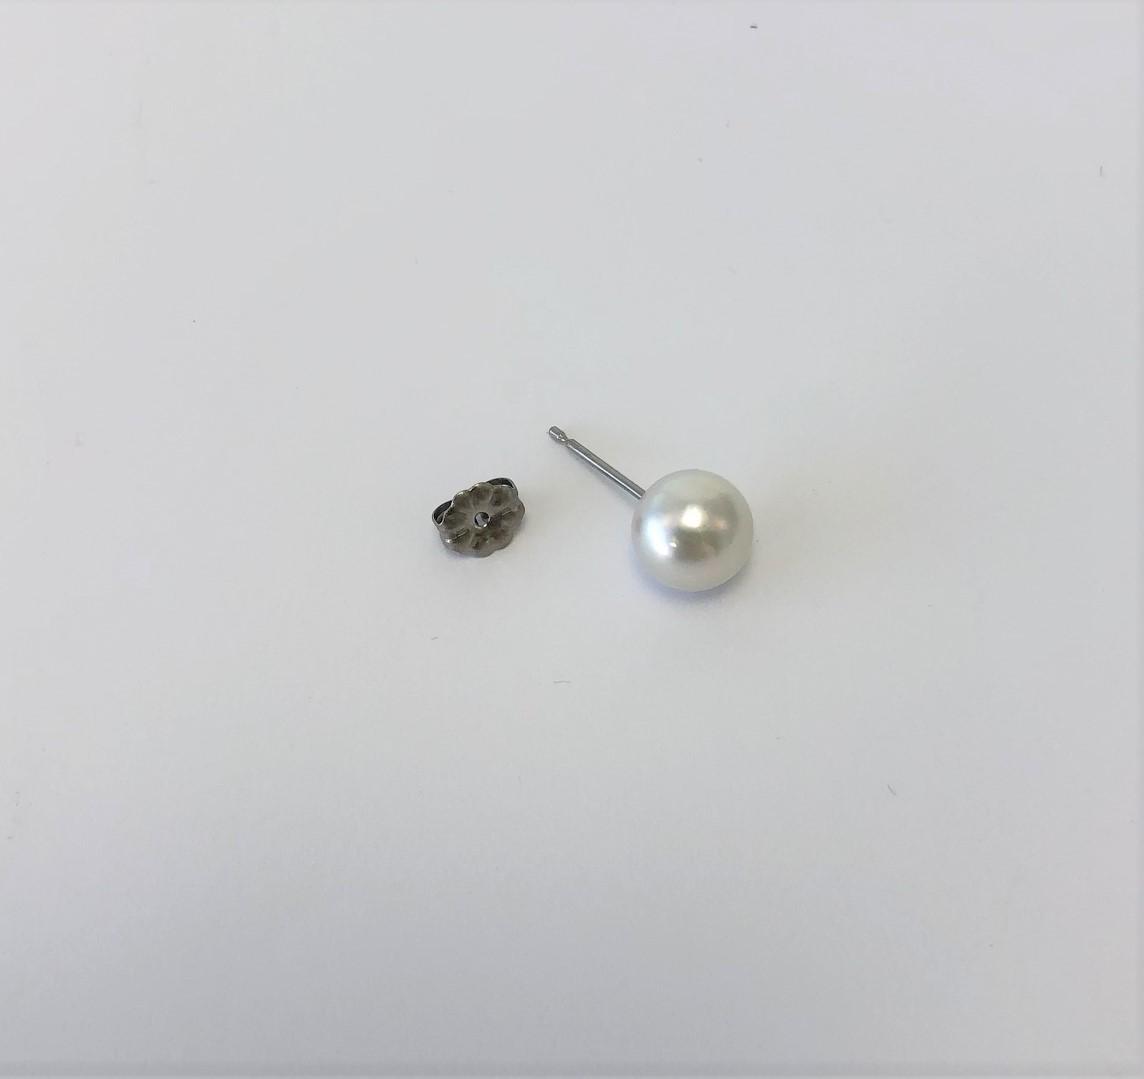 【040-13】志摩産アコヤ真珠ナチュラル8.0mmイヤリング/ピアス(ピアス)*